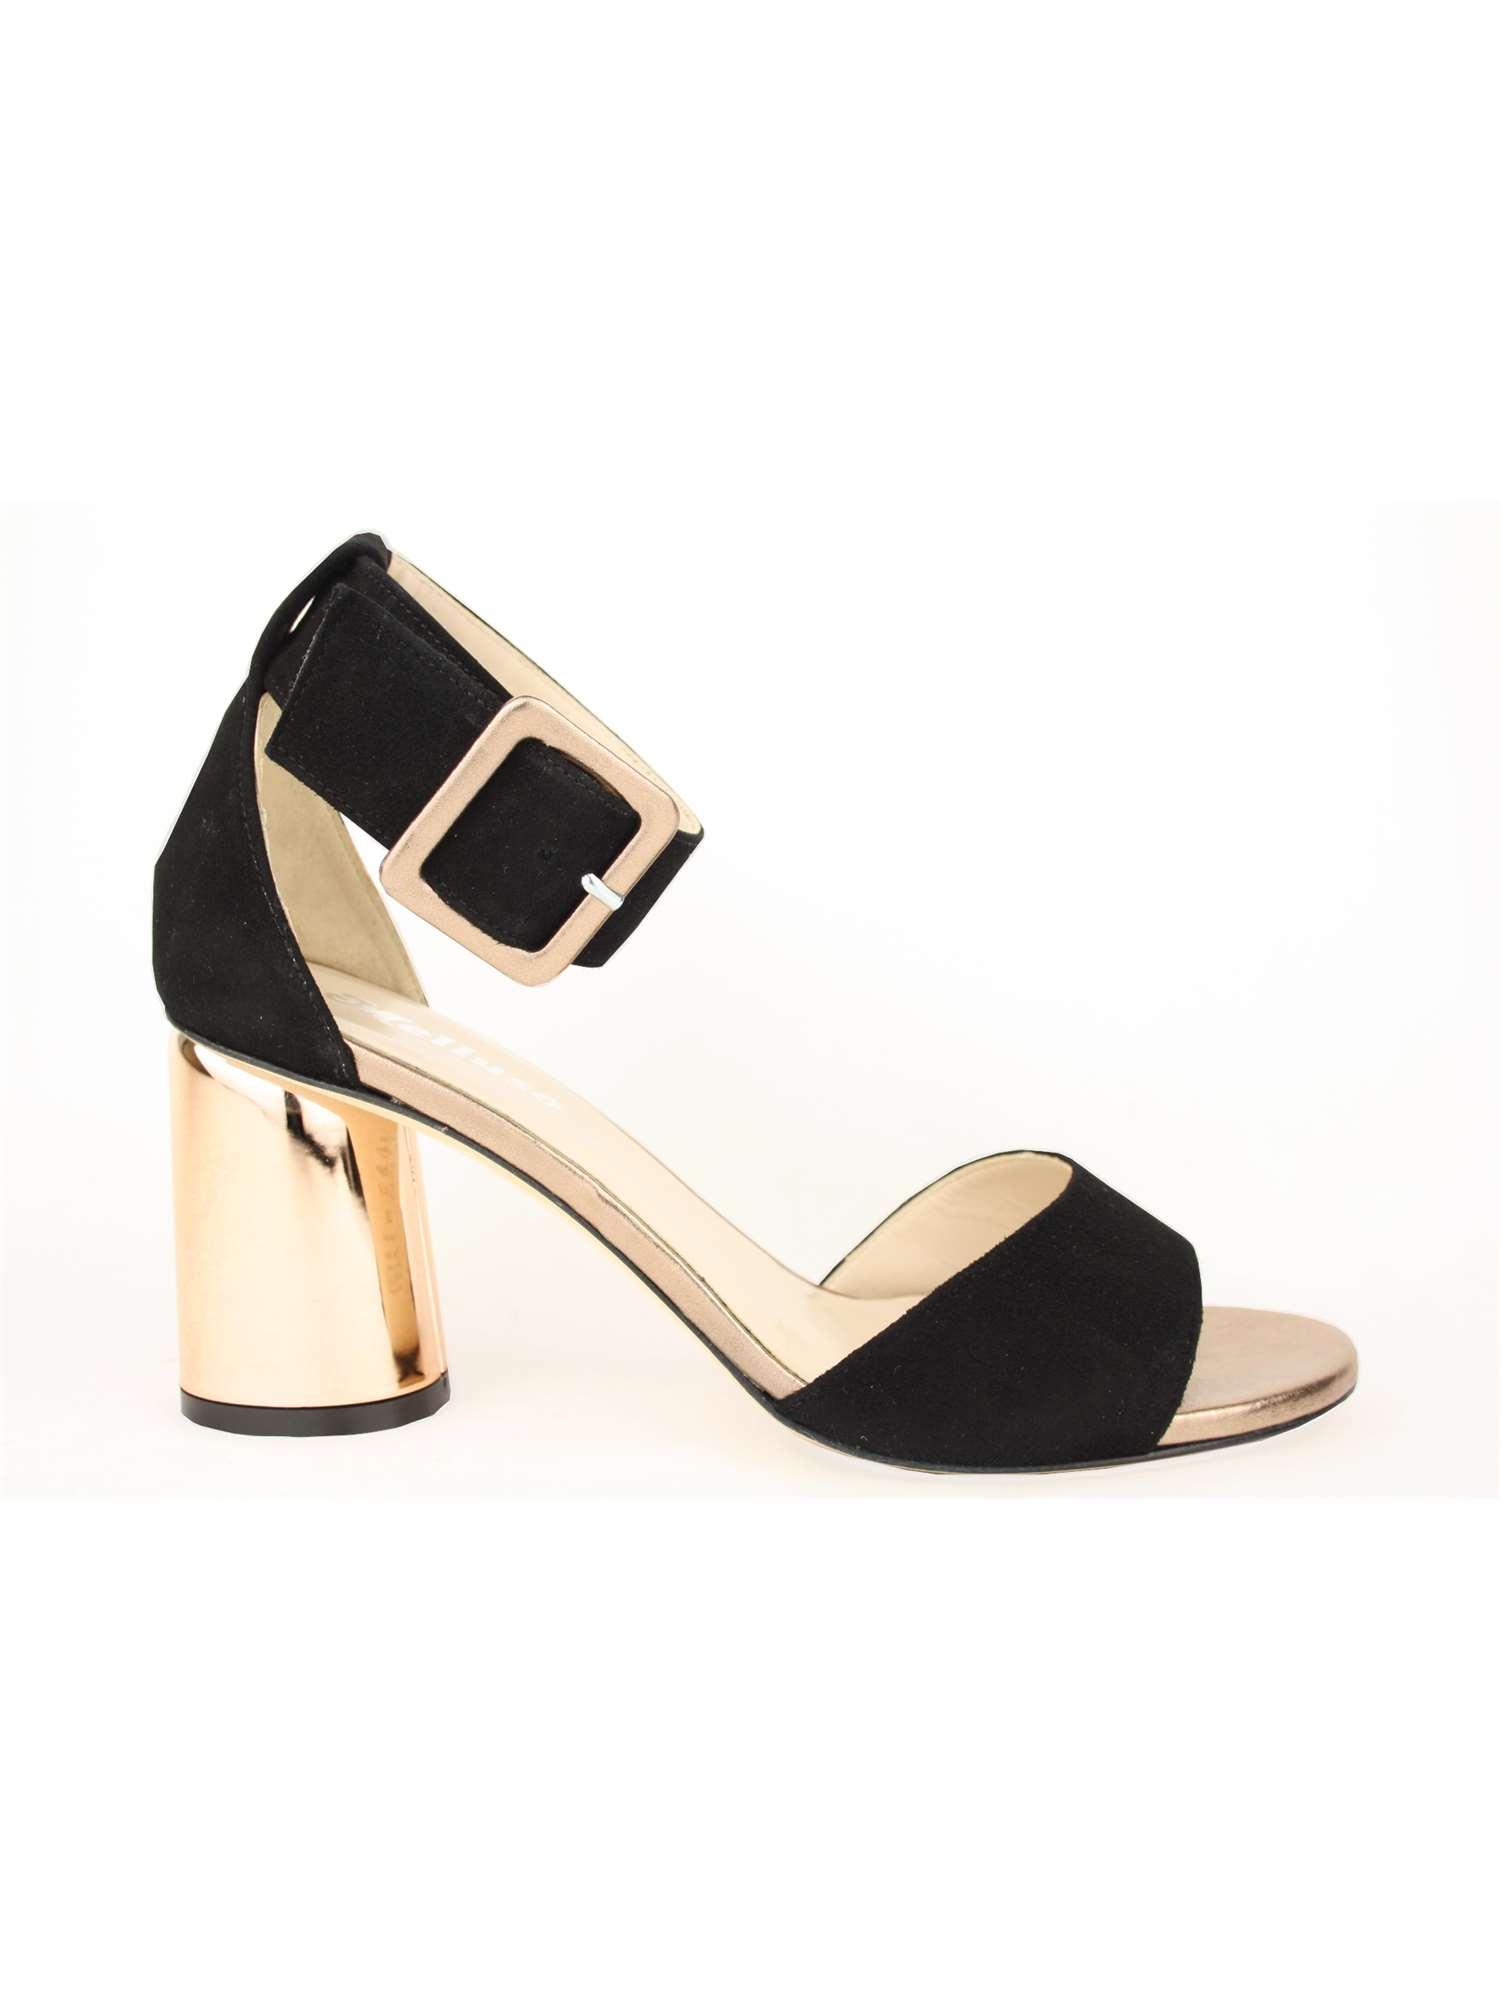 Melluso Sandalo Nero   Sandalo Donna Camoscio   Tania